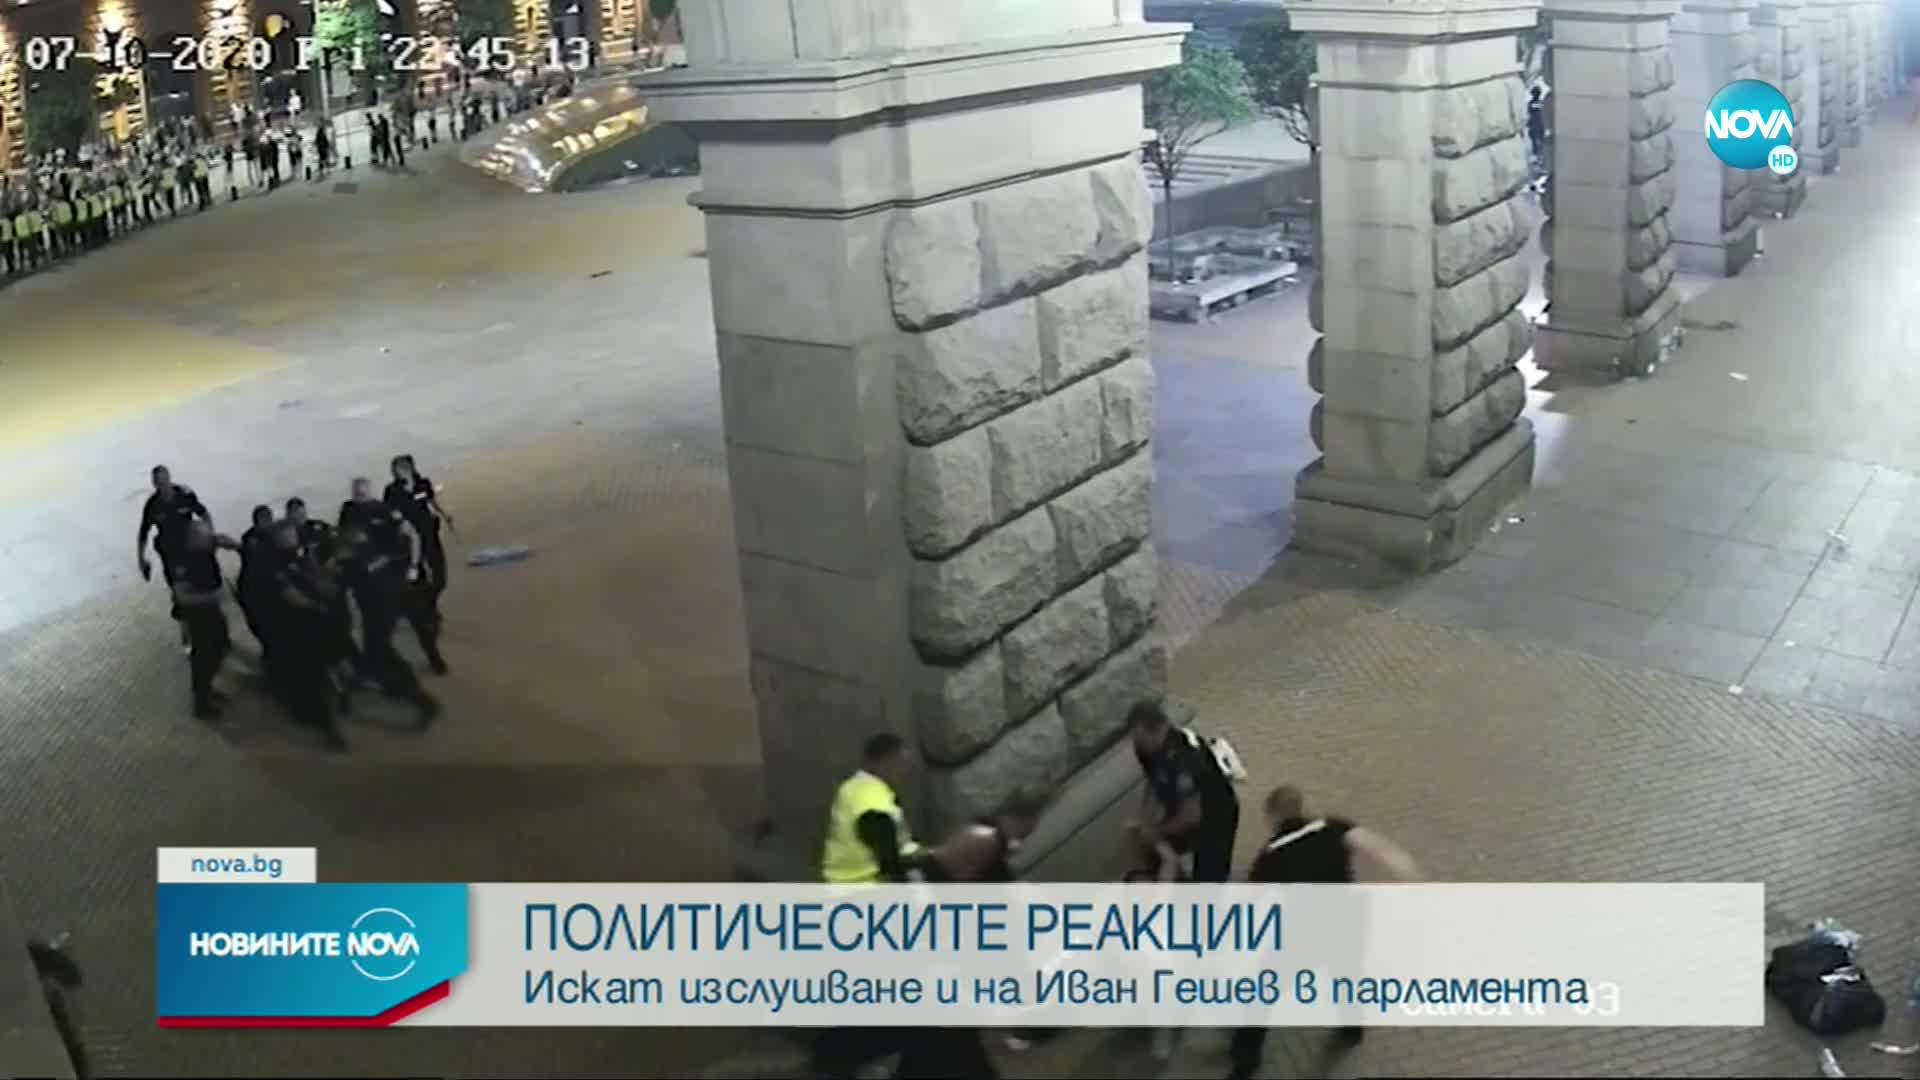 СЛЕД КАДРИТЕ С НАСИЛИЕ ОТ ПРОТЕСТА: Искат изслушване и на Иван Гешев в парламента (ОБЗОР)